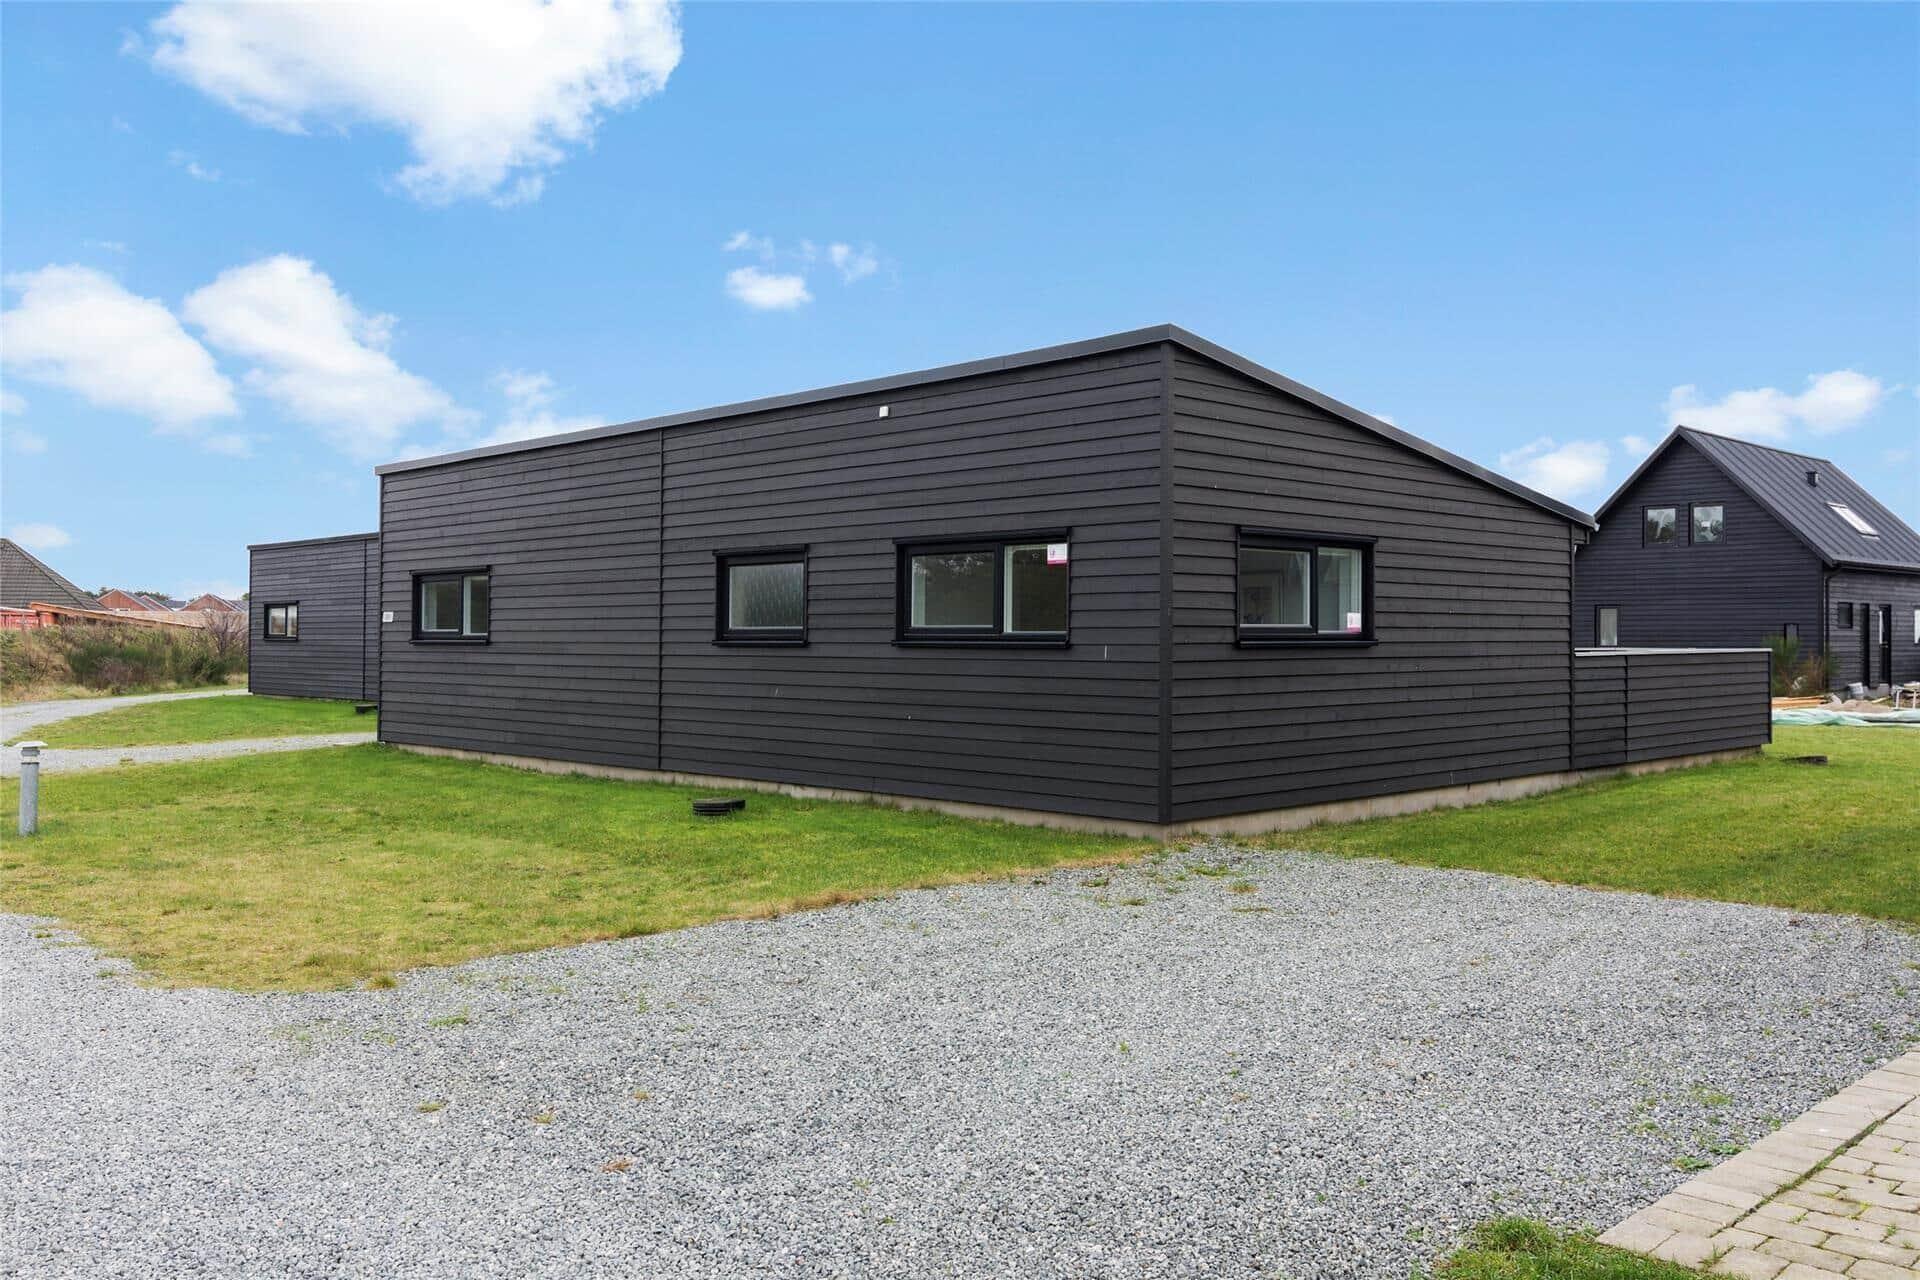 Billede 1-11 Sommerhus 0341, Vestergade 351, DK - 6792 Rømø